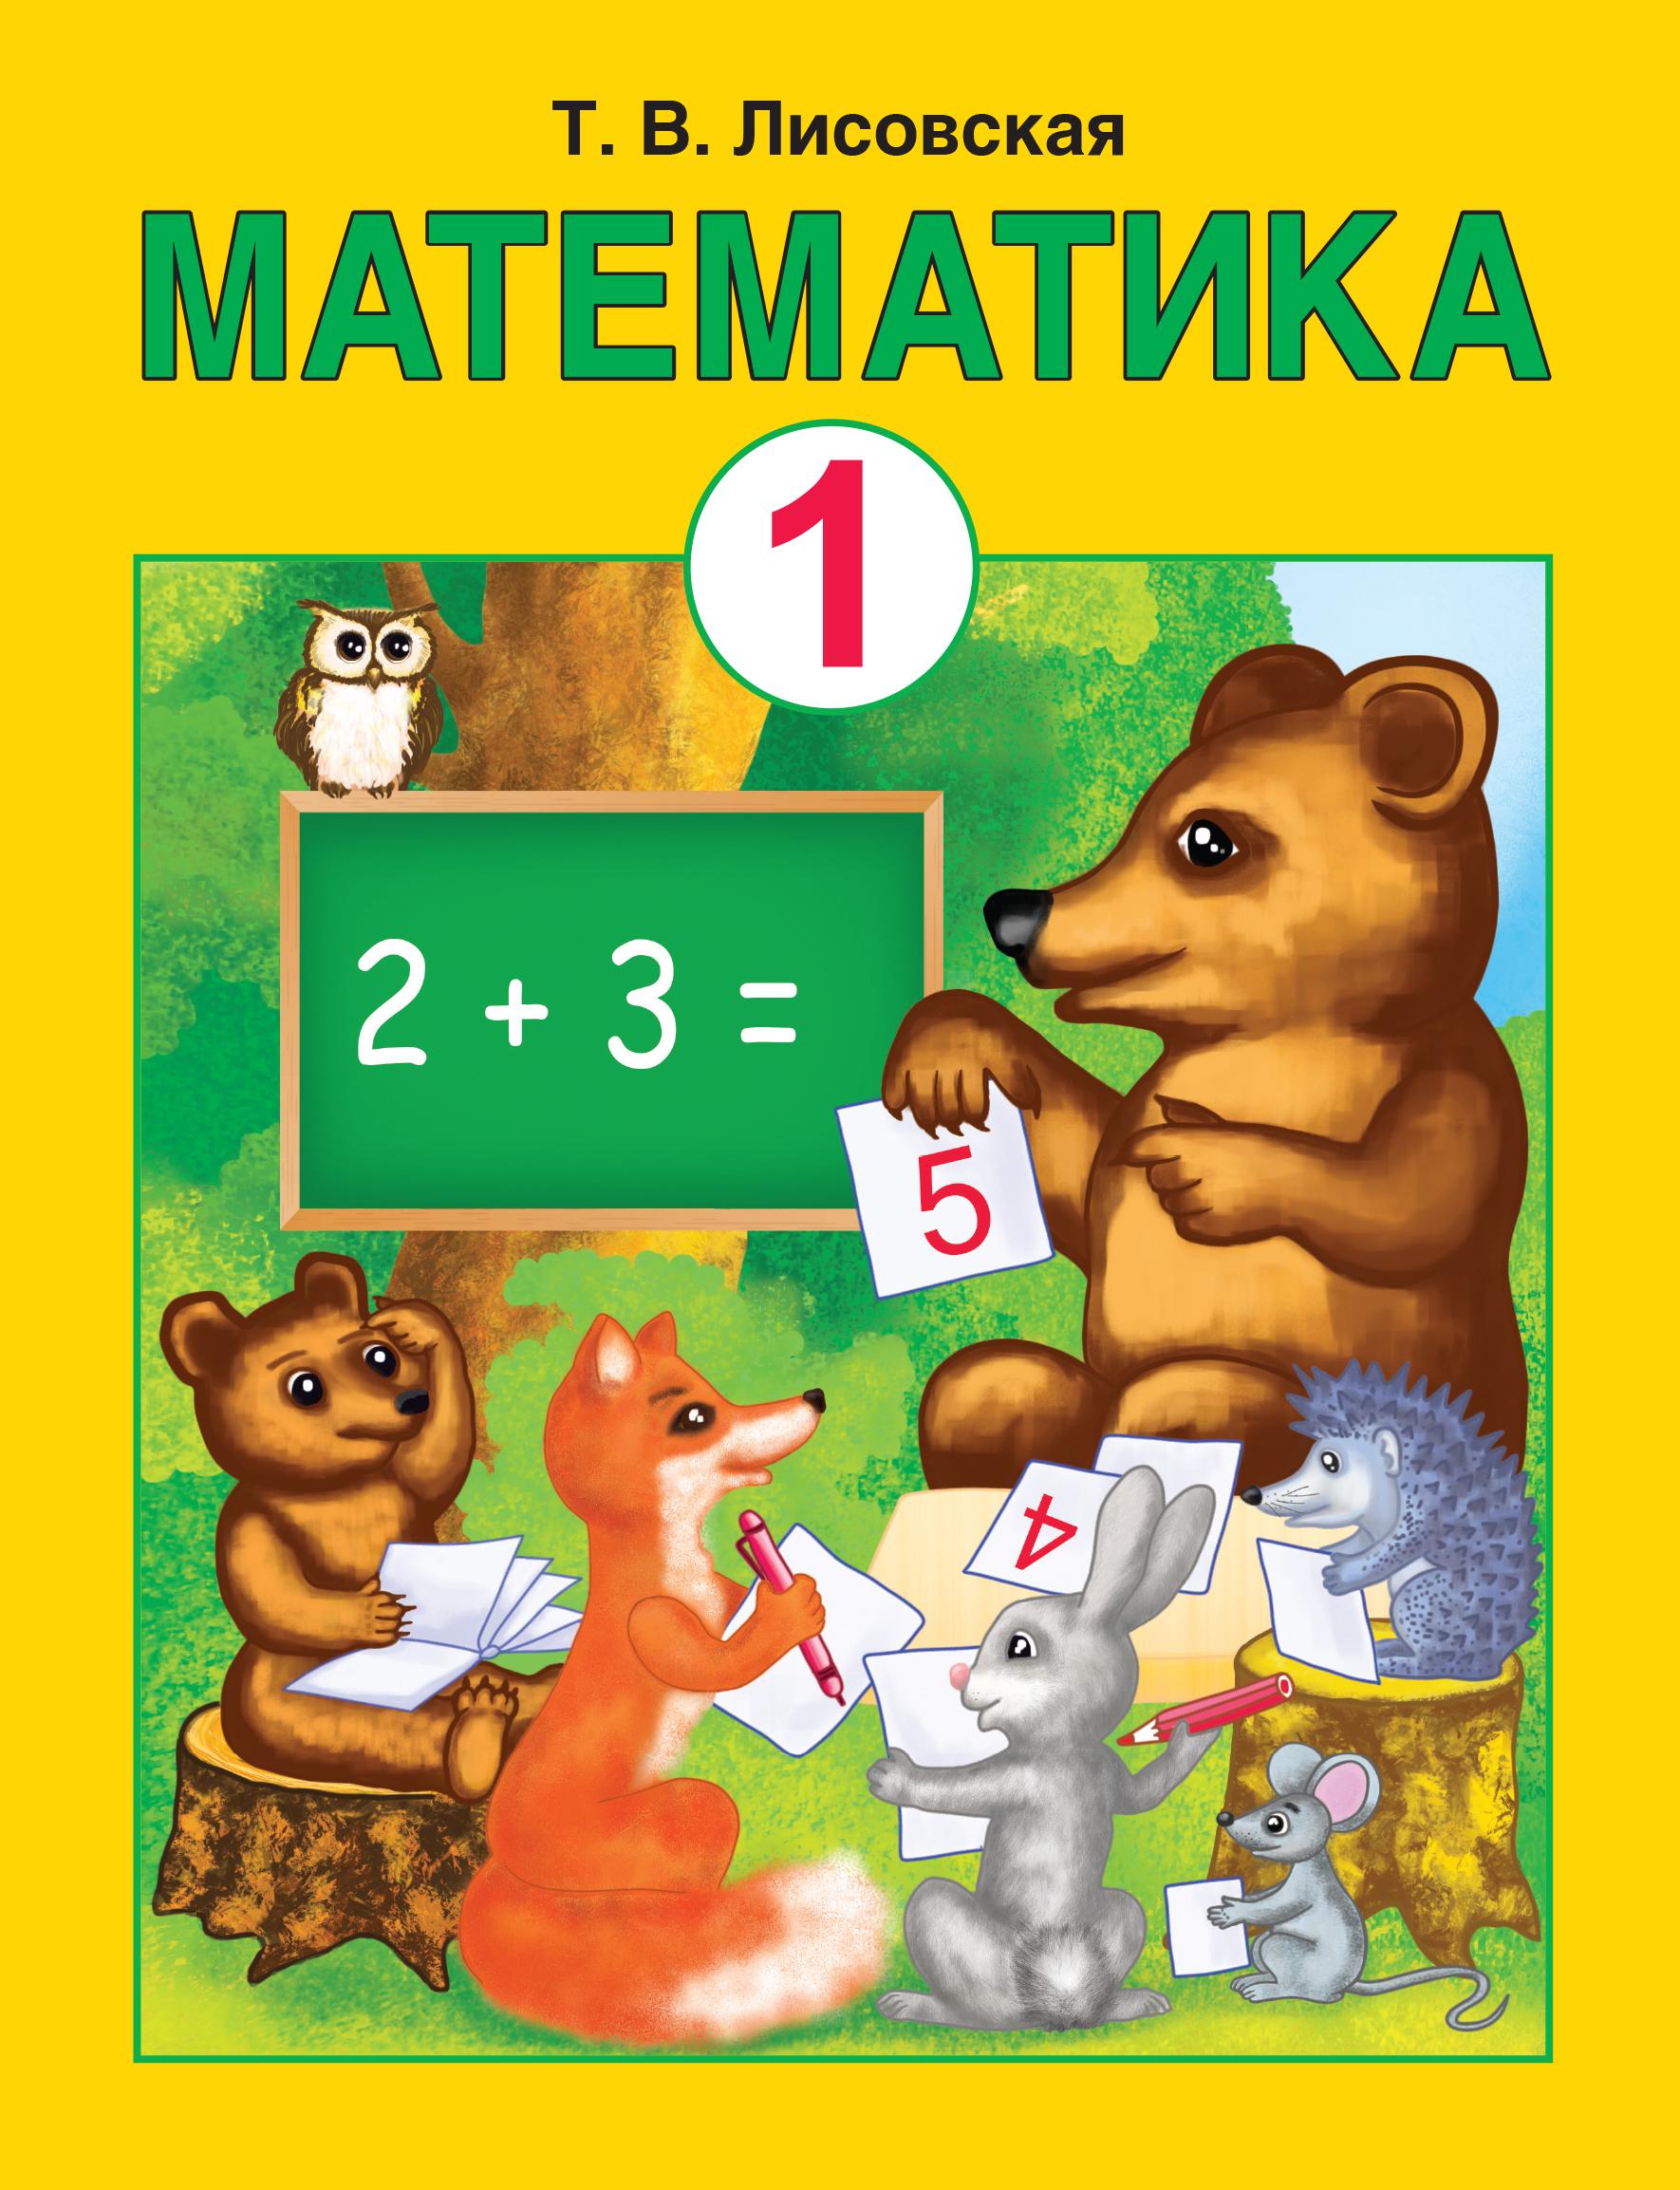 Математика, 1 класс